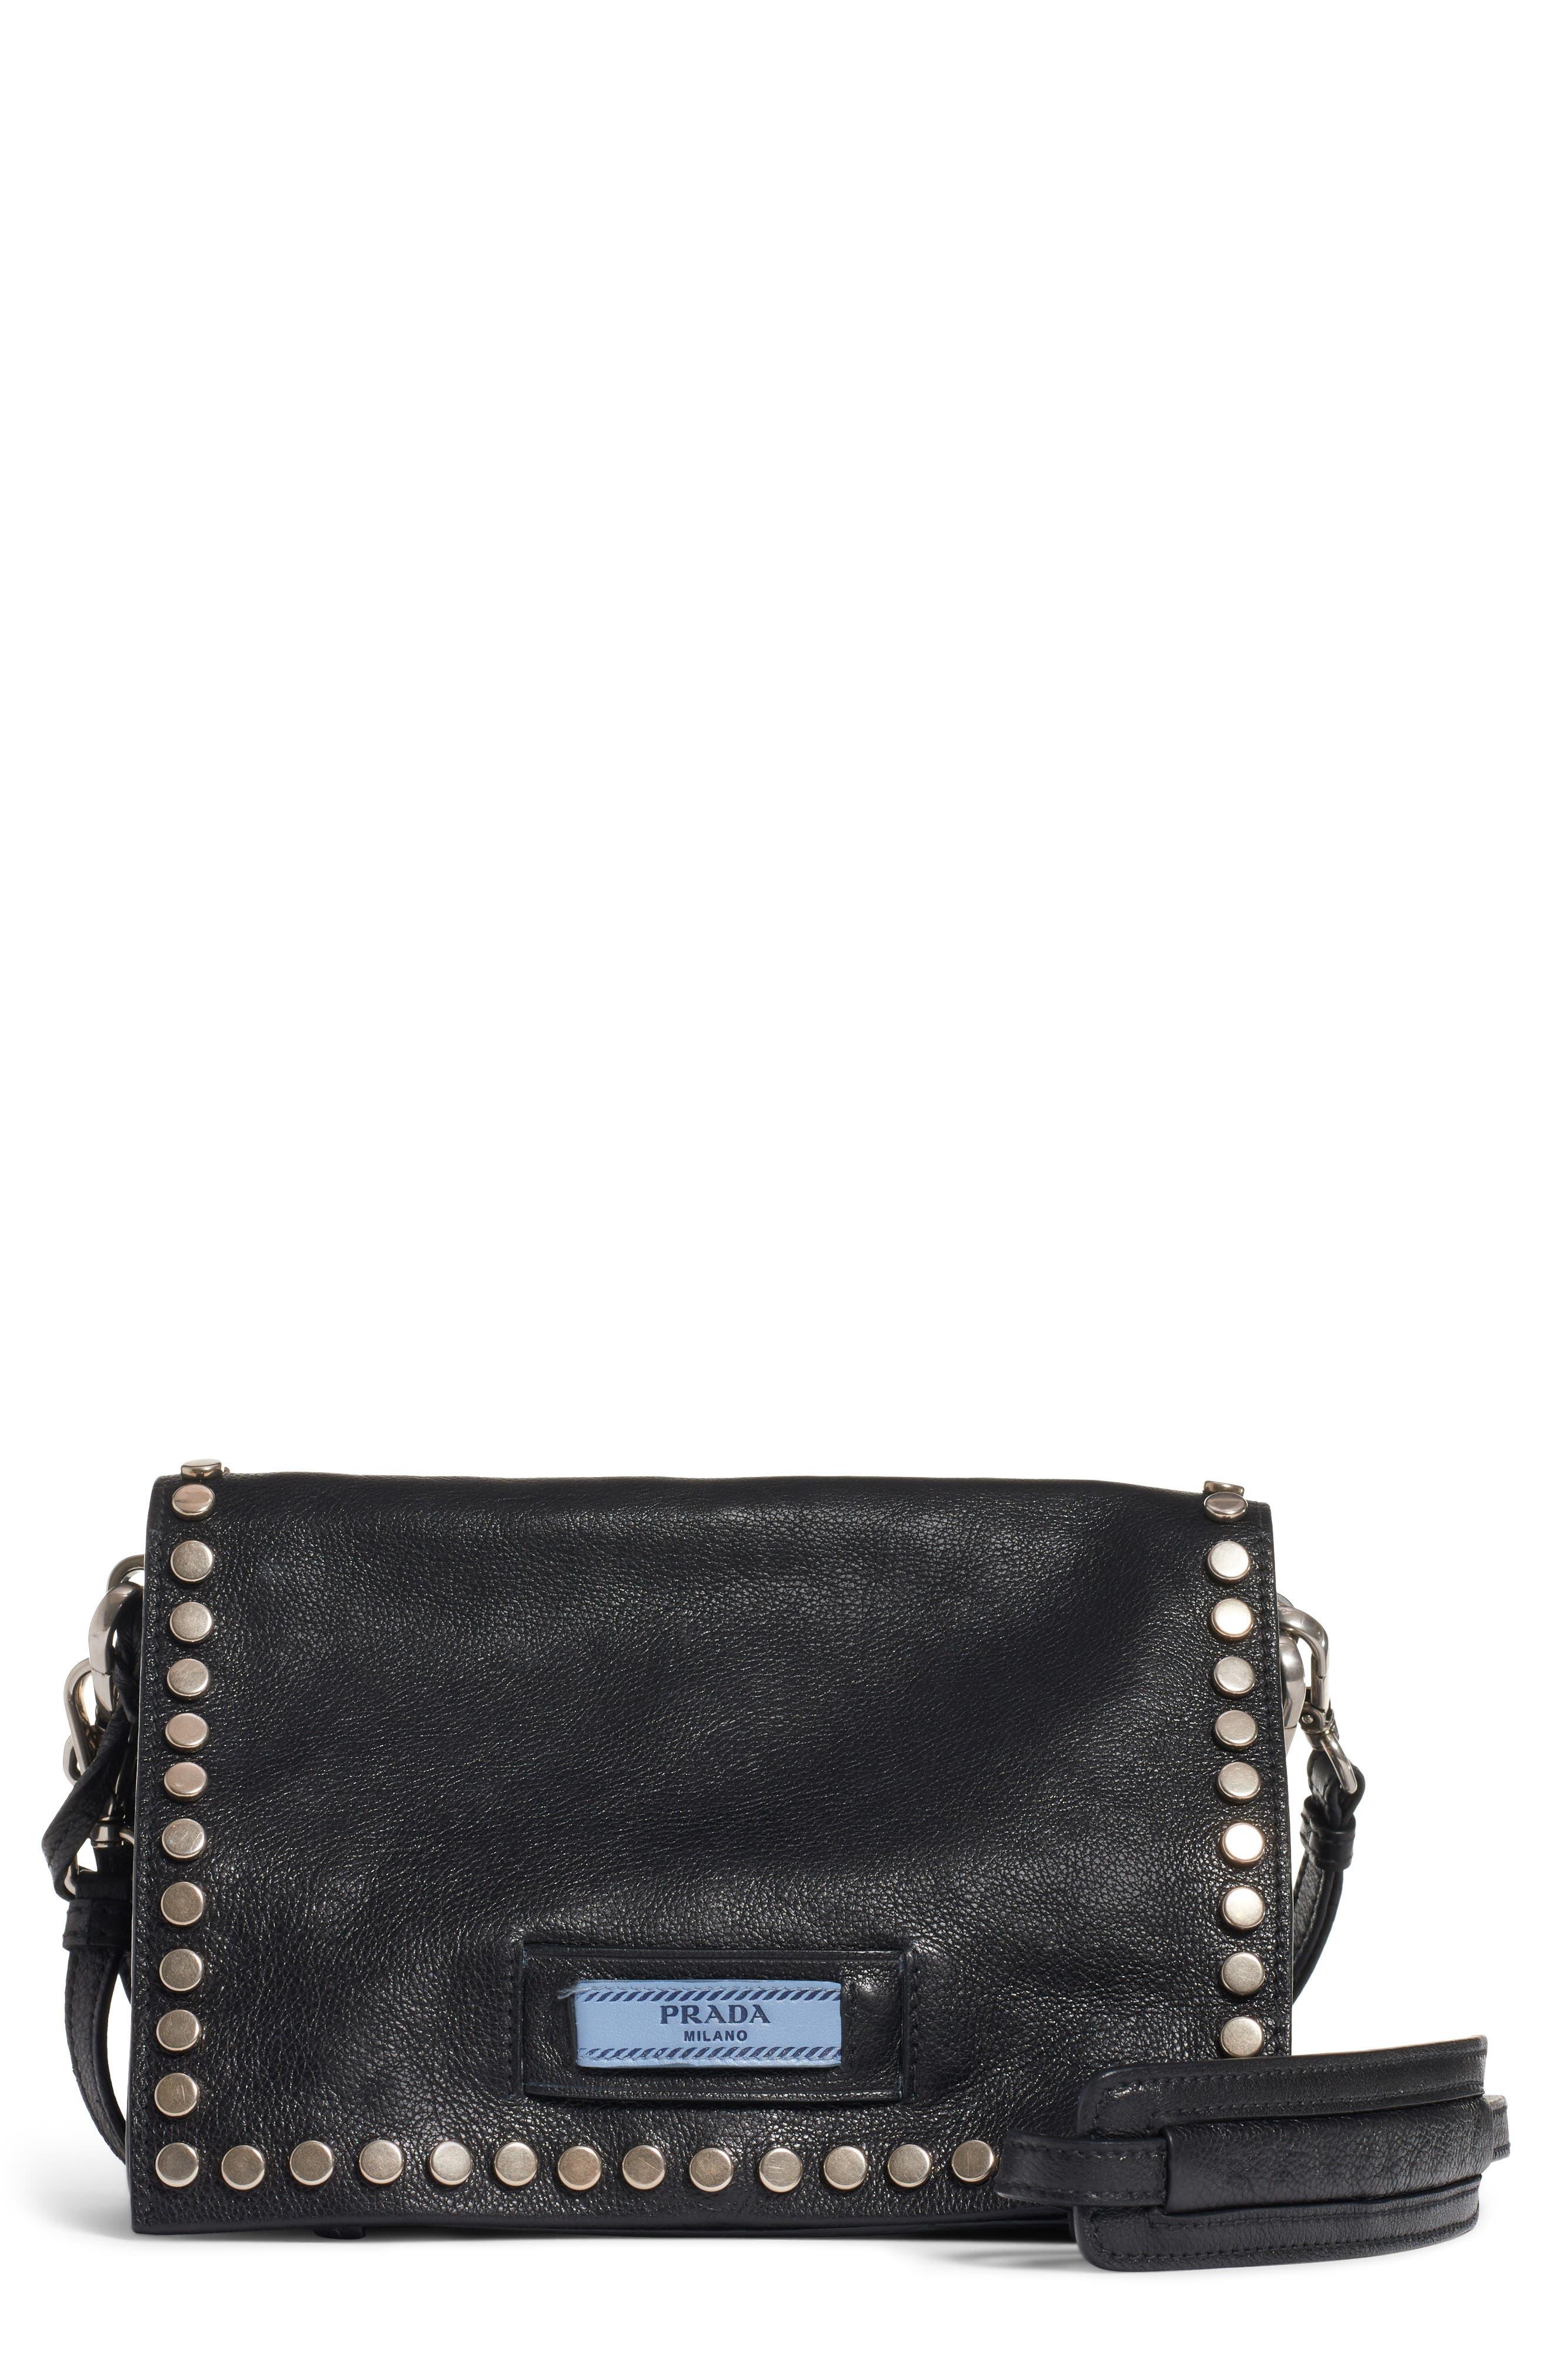 Small Stud Etiquette Shoulder Bag,                             Main thumbnail 1, color,                             NERO/ ASTRALE